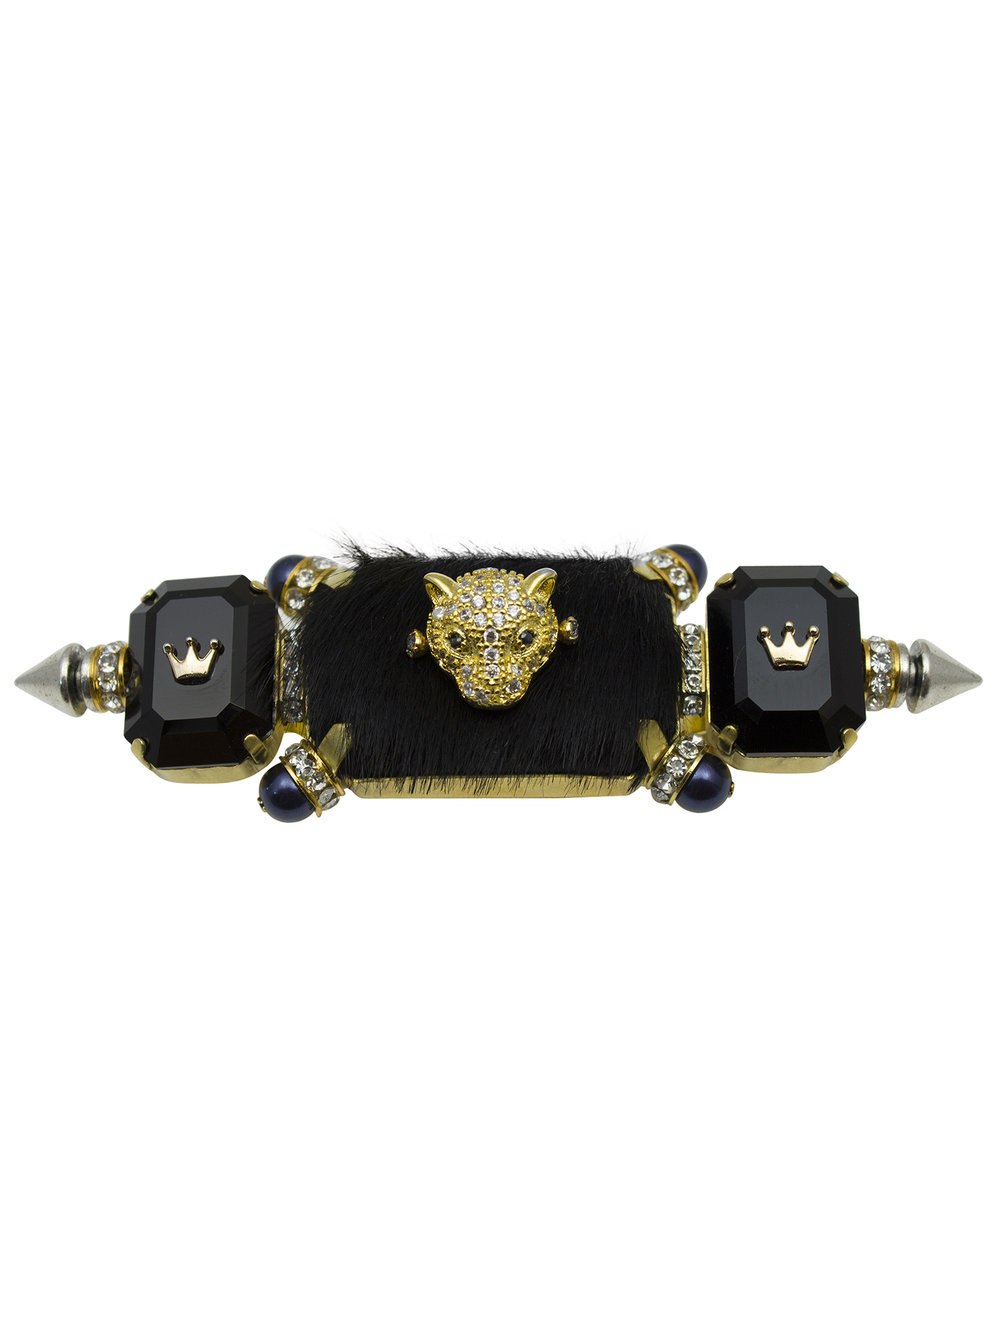 242R Black & Gold Triple Rectangle Knuckleduster Ring (1).jpg